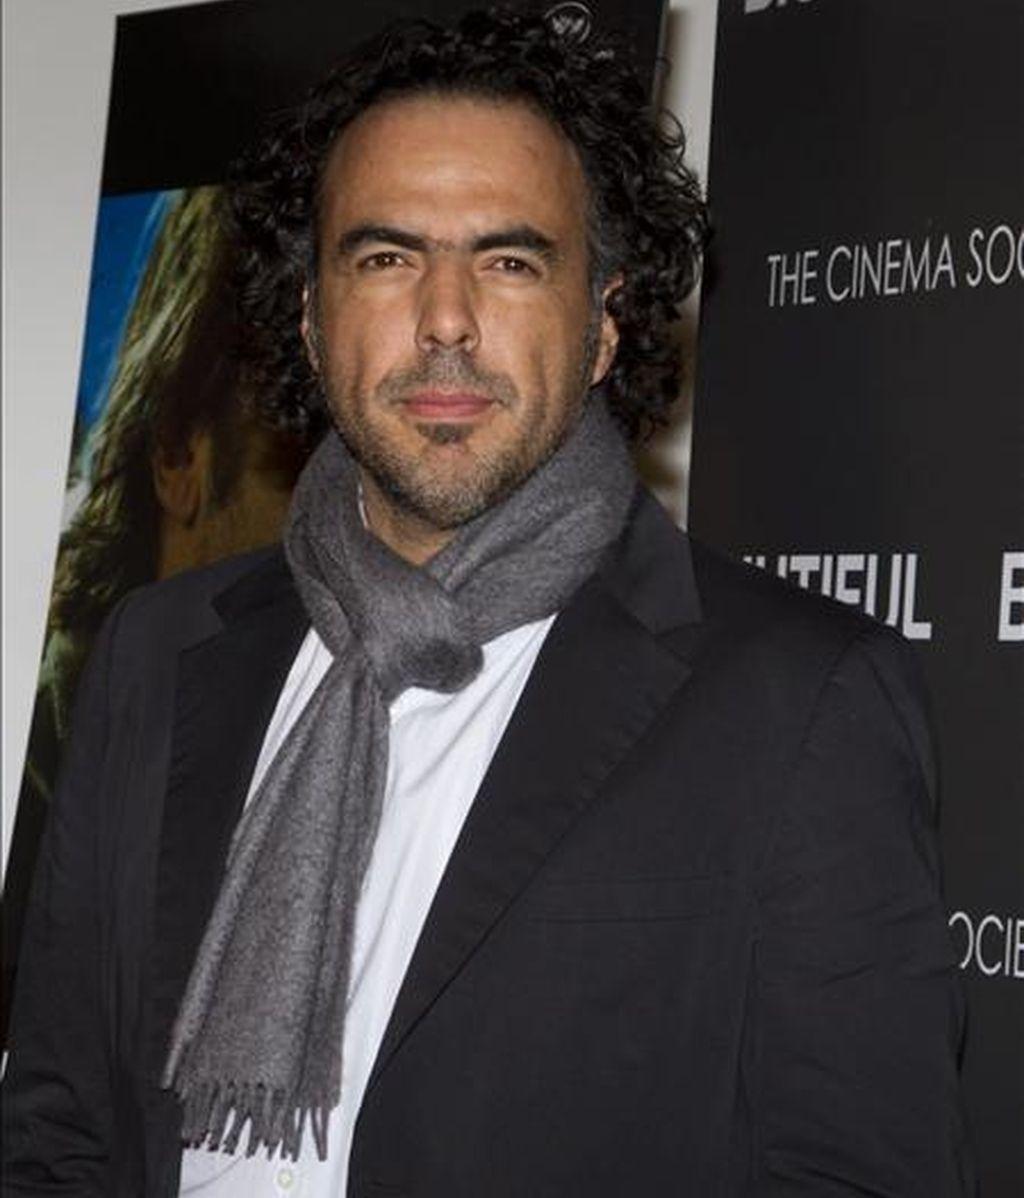 """El director mexicano Alejandro González Iñárritu posa a su llegada a la presentación de su película """"Biutiful"""" en Nueva York (EEUU) y que se estrenará a finales de diciembre en el país. EFE"""